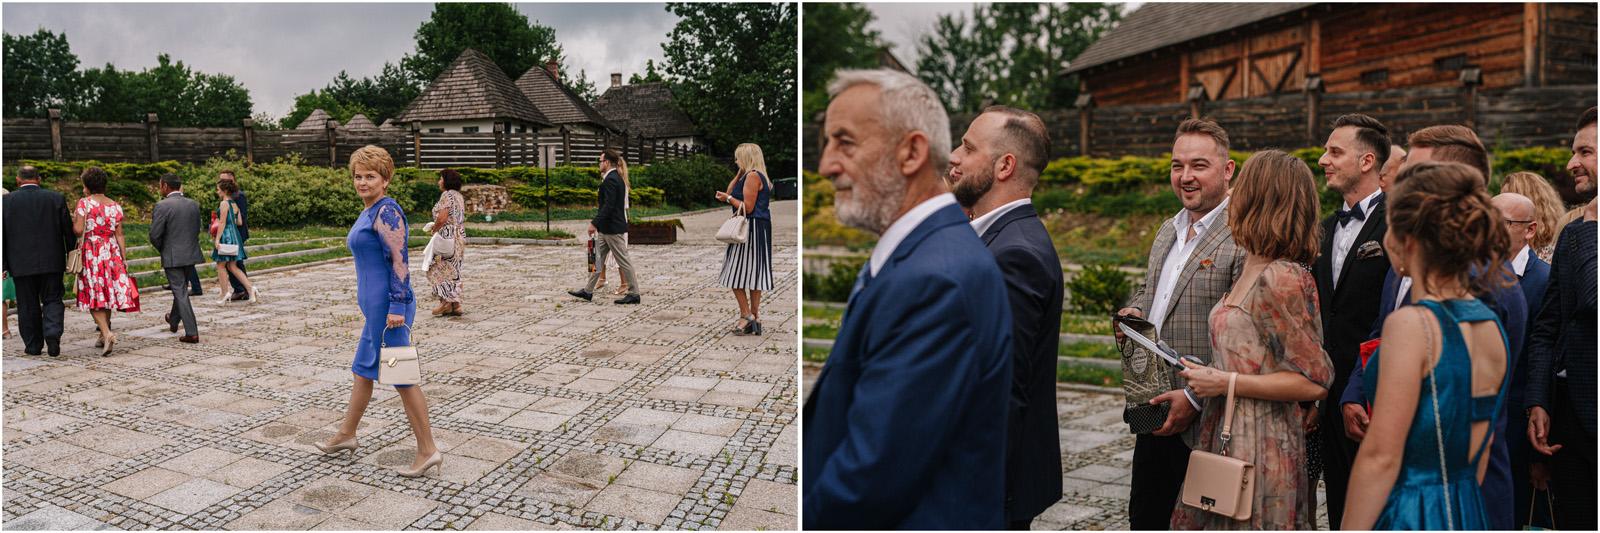 Kasia & Damian   ślub plenerowy w Kuźni Smaków i sesja w skansenie 41